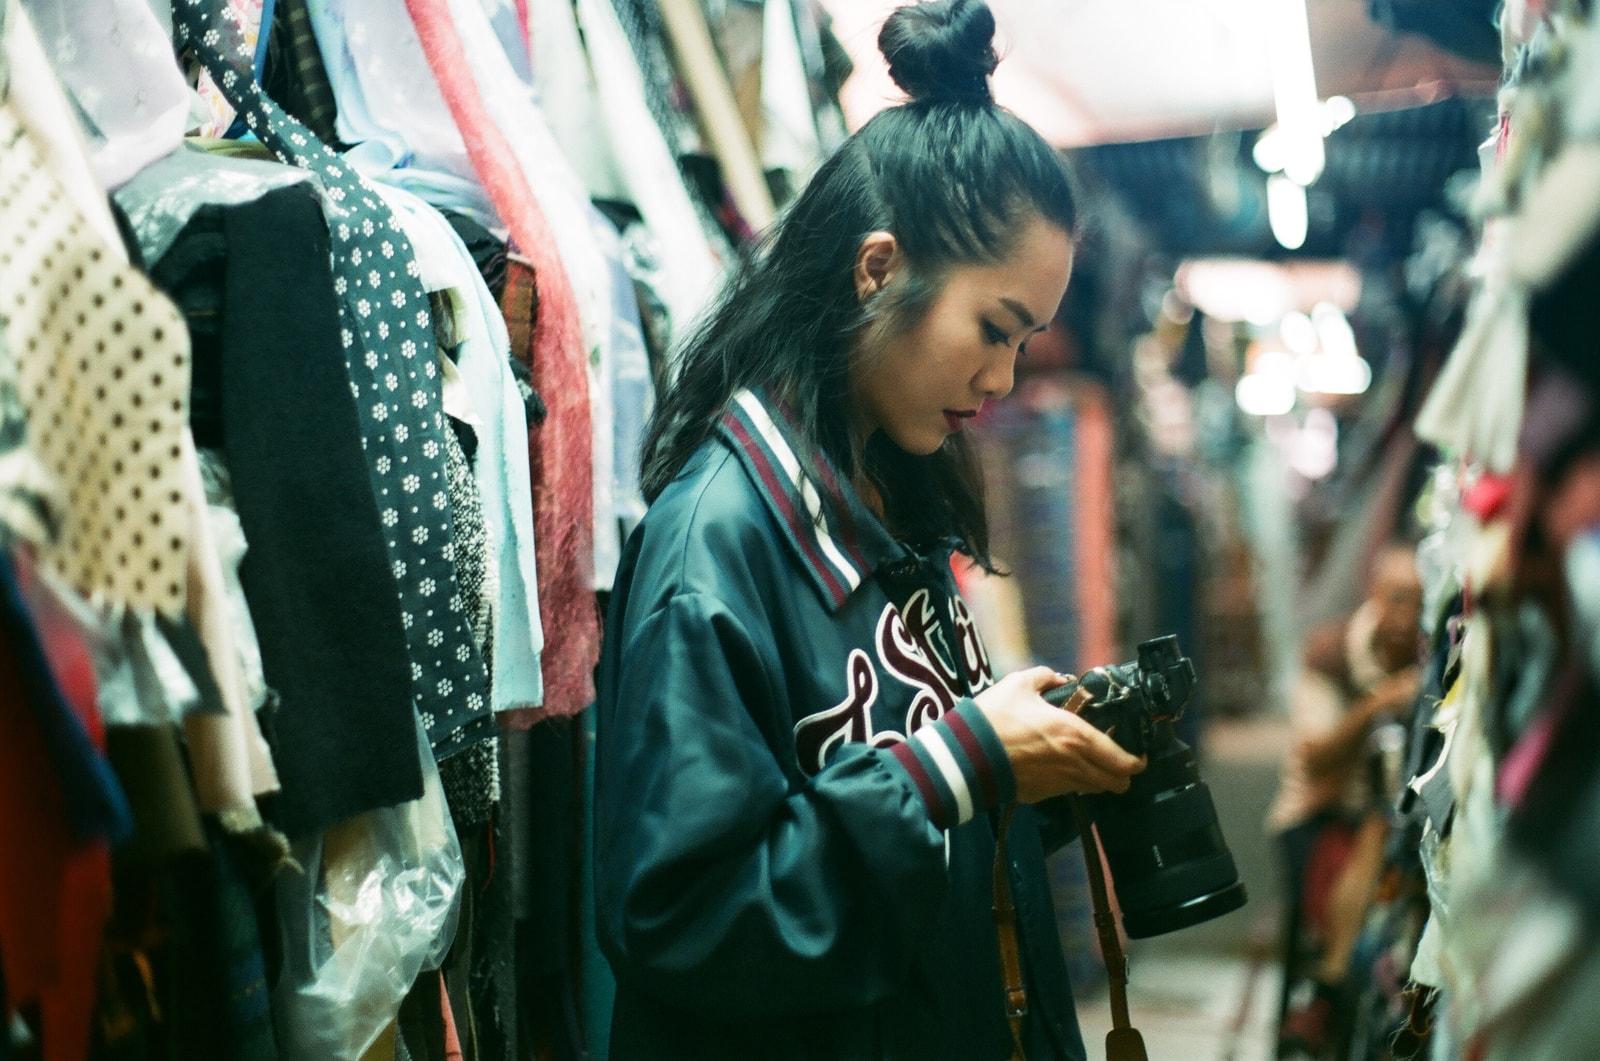 專訪《空手道》劇照師小雲:分享人像攝影以及街拍之創作